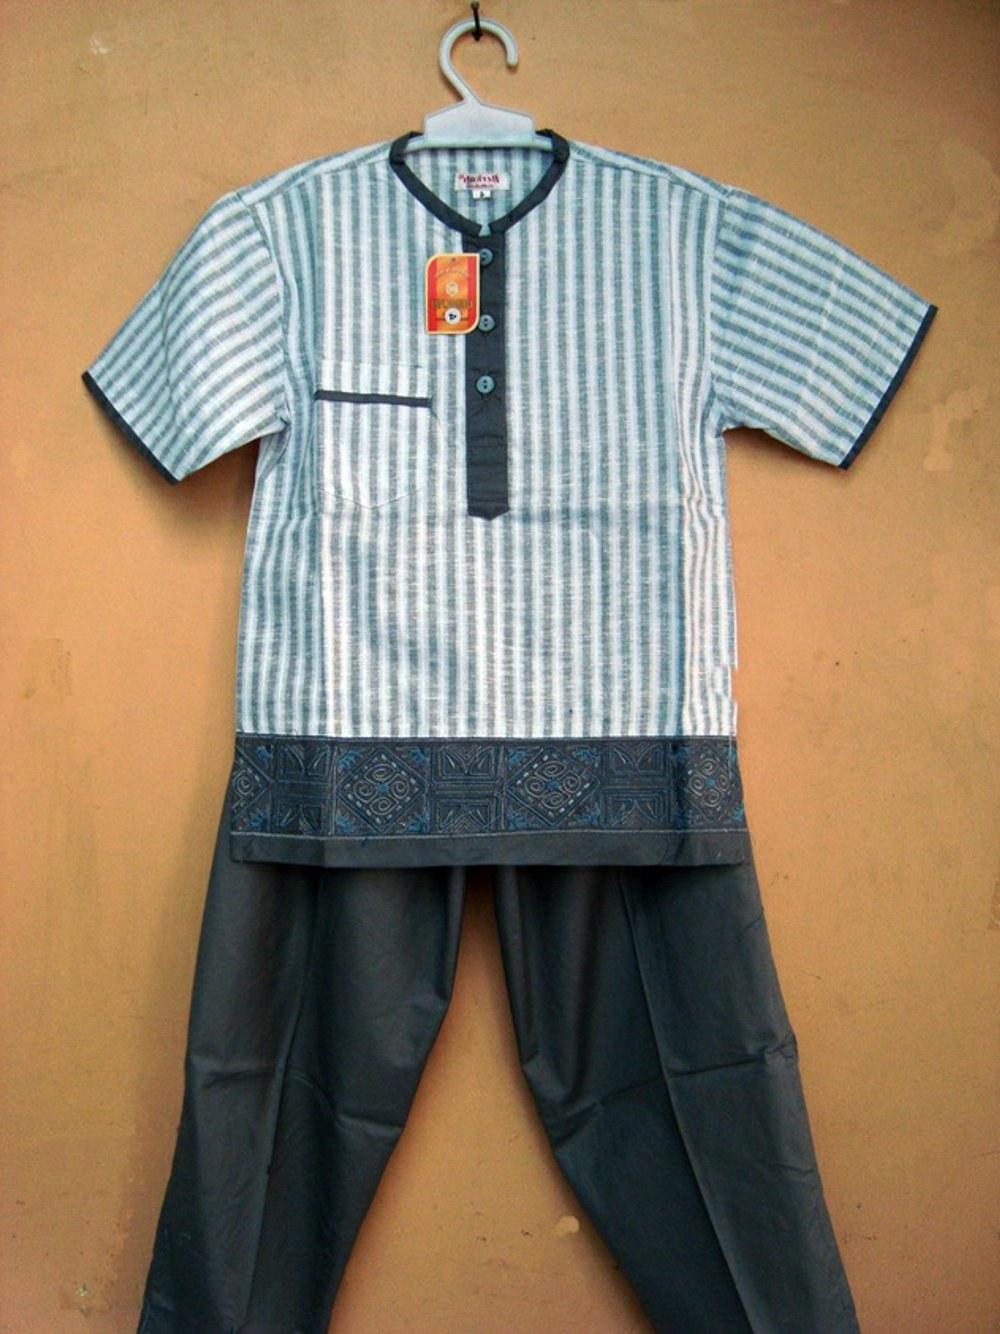 Design Baju Lebaran 2018 Anak Laki Laki Etdg Model Kemeja Anak Laki Laki Yang Keren Untuk Hari Lebaran